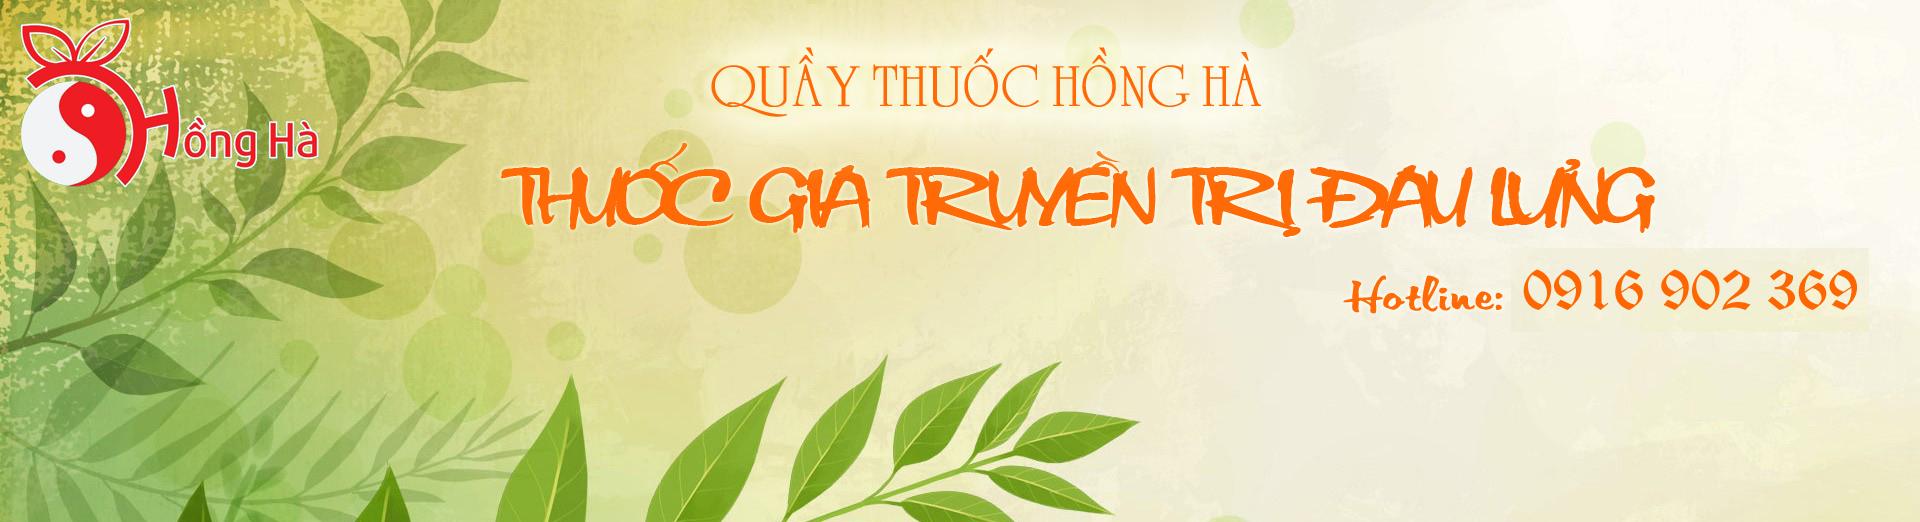 THUỐC GIA TRUYỀN TRỊ ĐAU LƯNG | TRẦN THỊ THANH THÚY